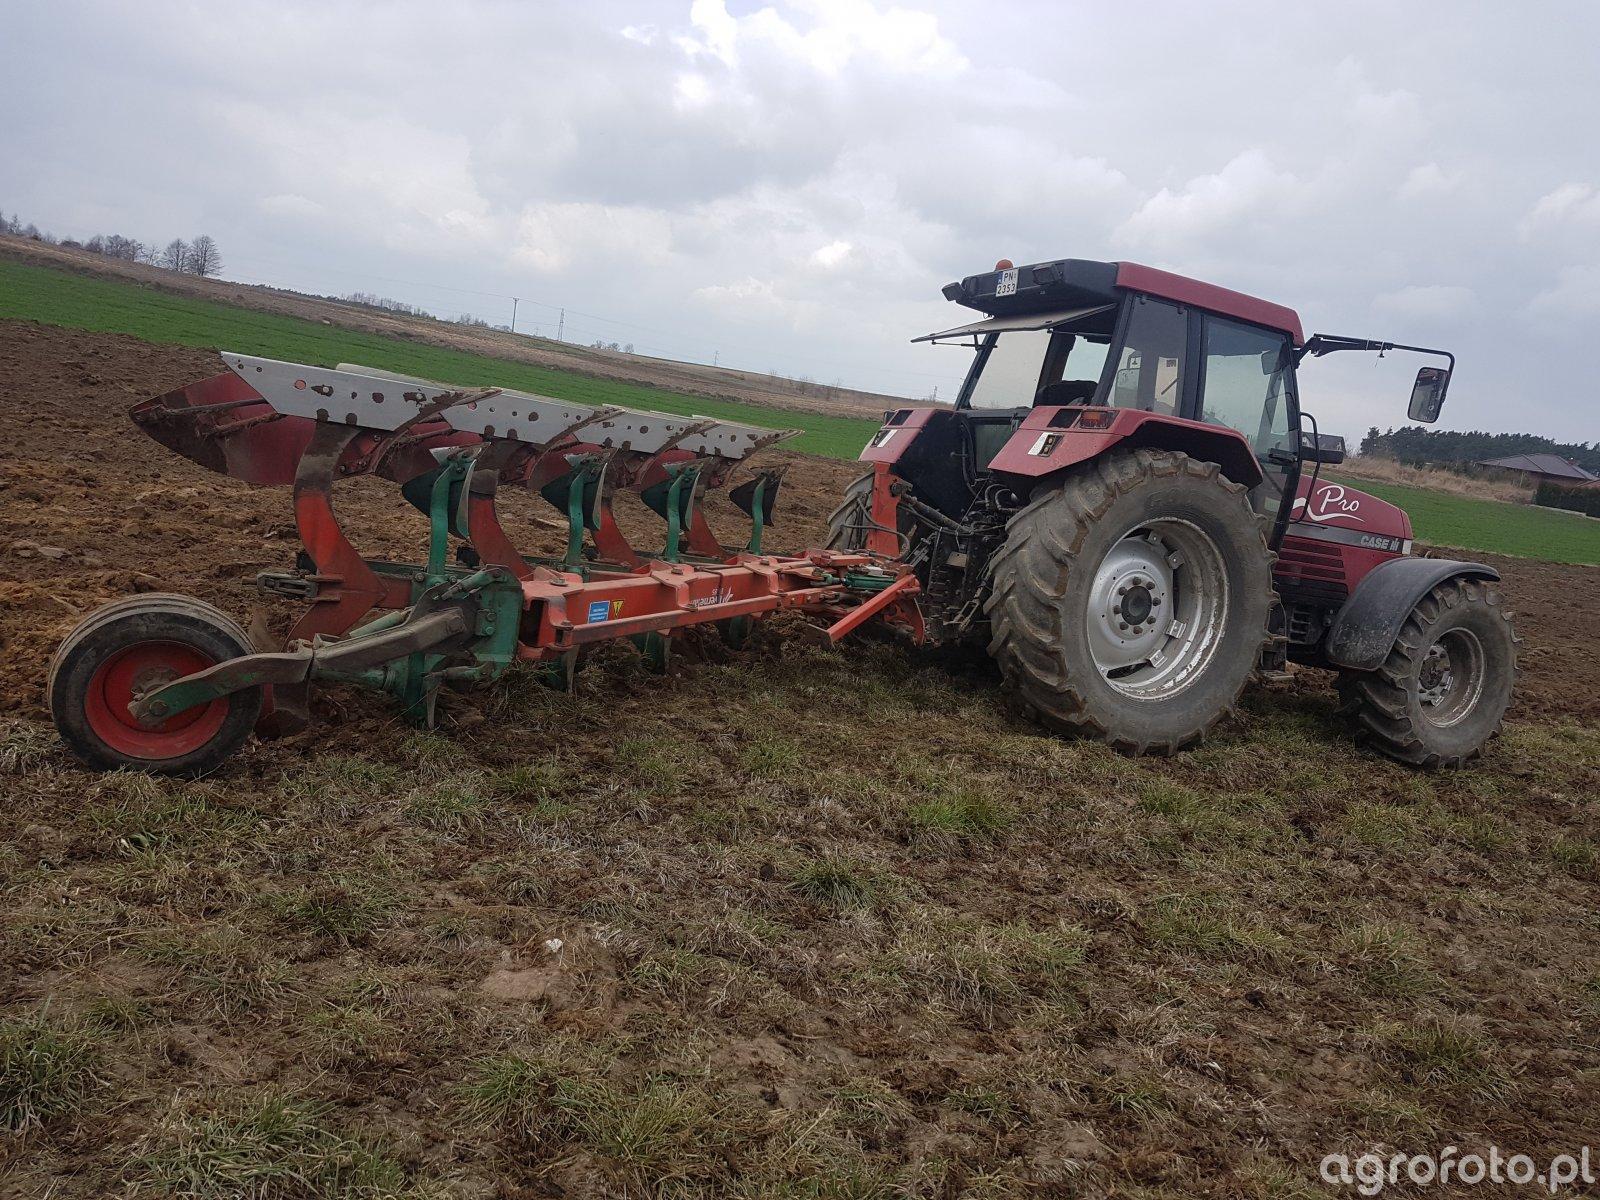 Case 5150 & Kverneland eg85 Vario